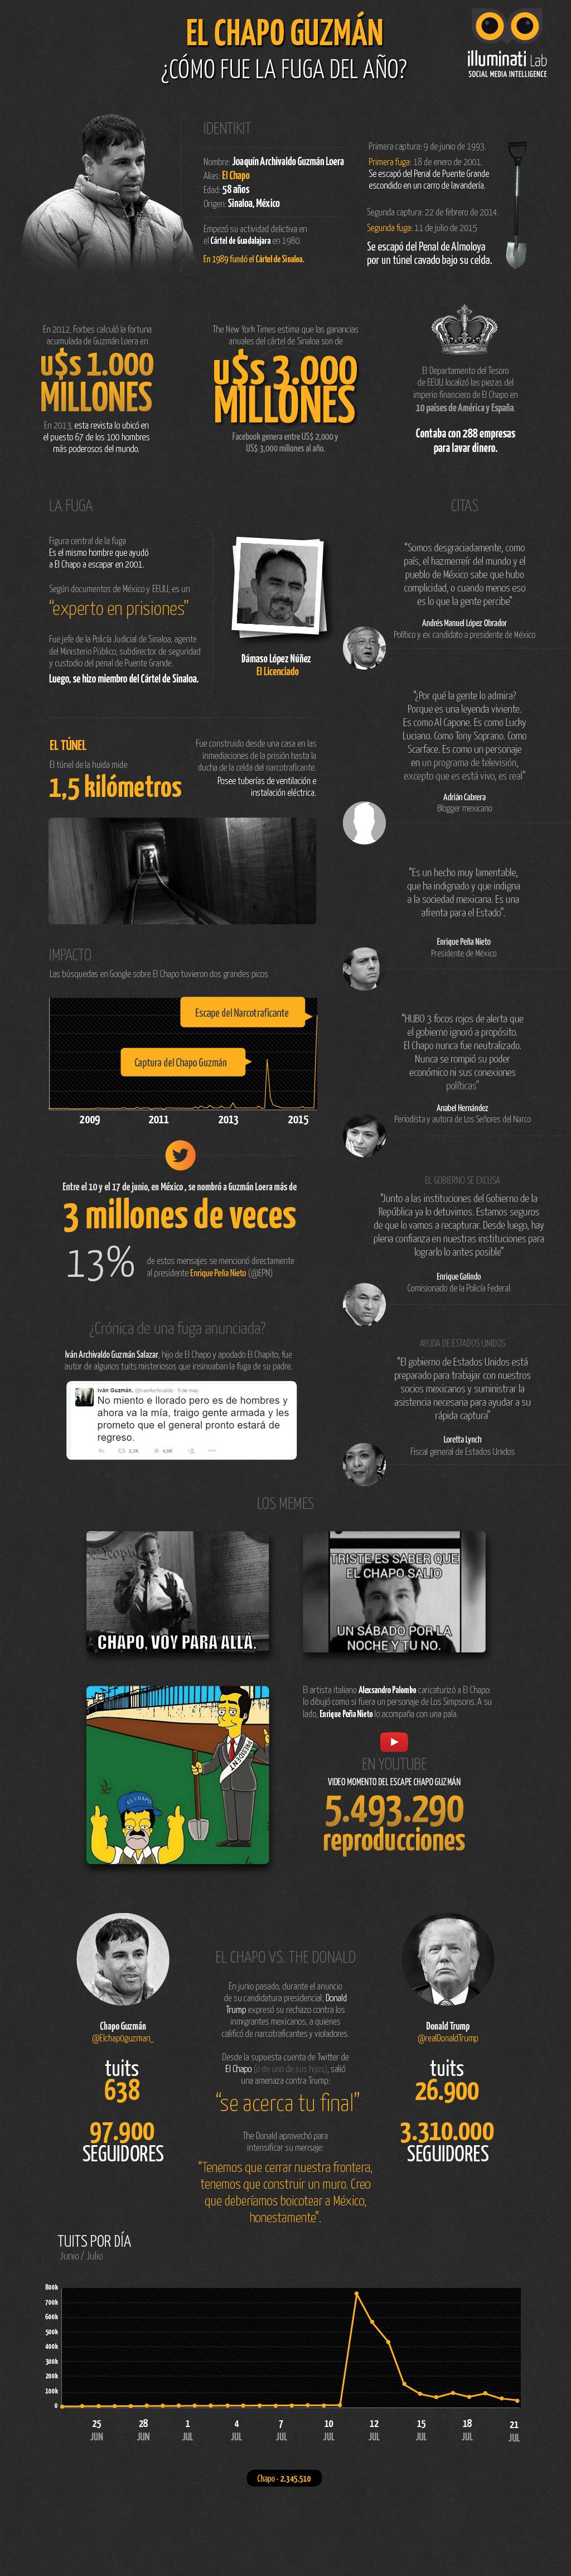 Chapo_Guzman_infografia_2